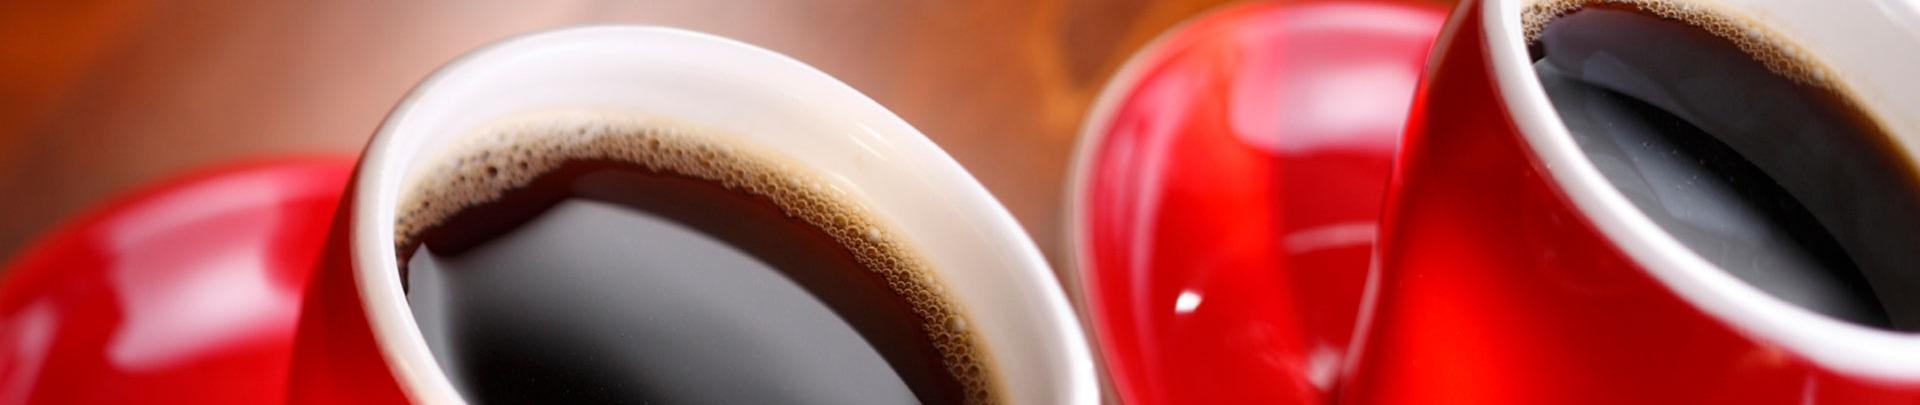 2 rode kopjes gevuld met koffie